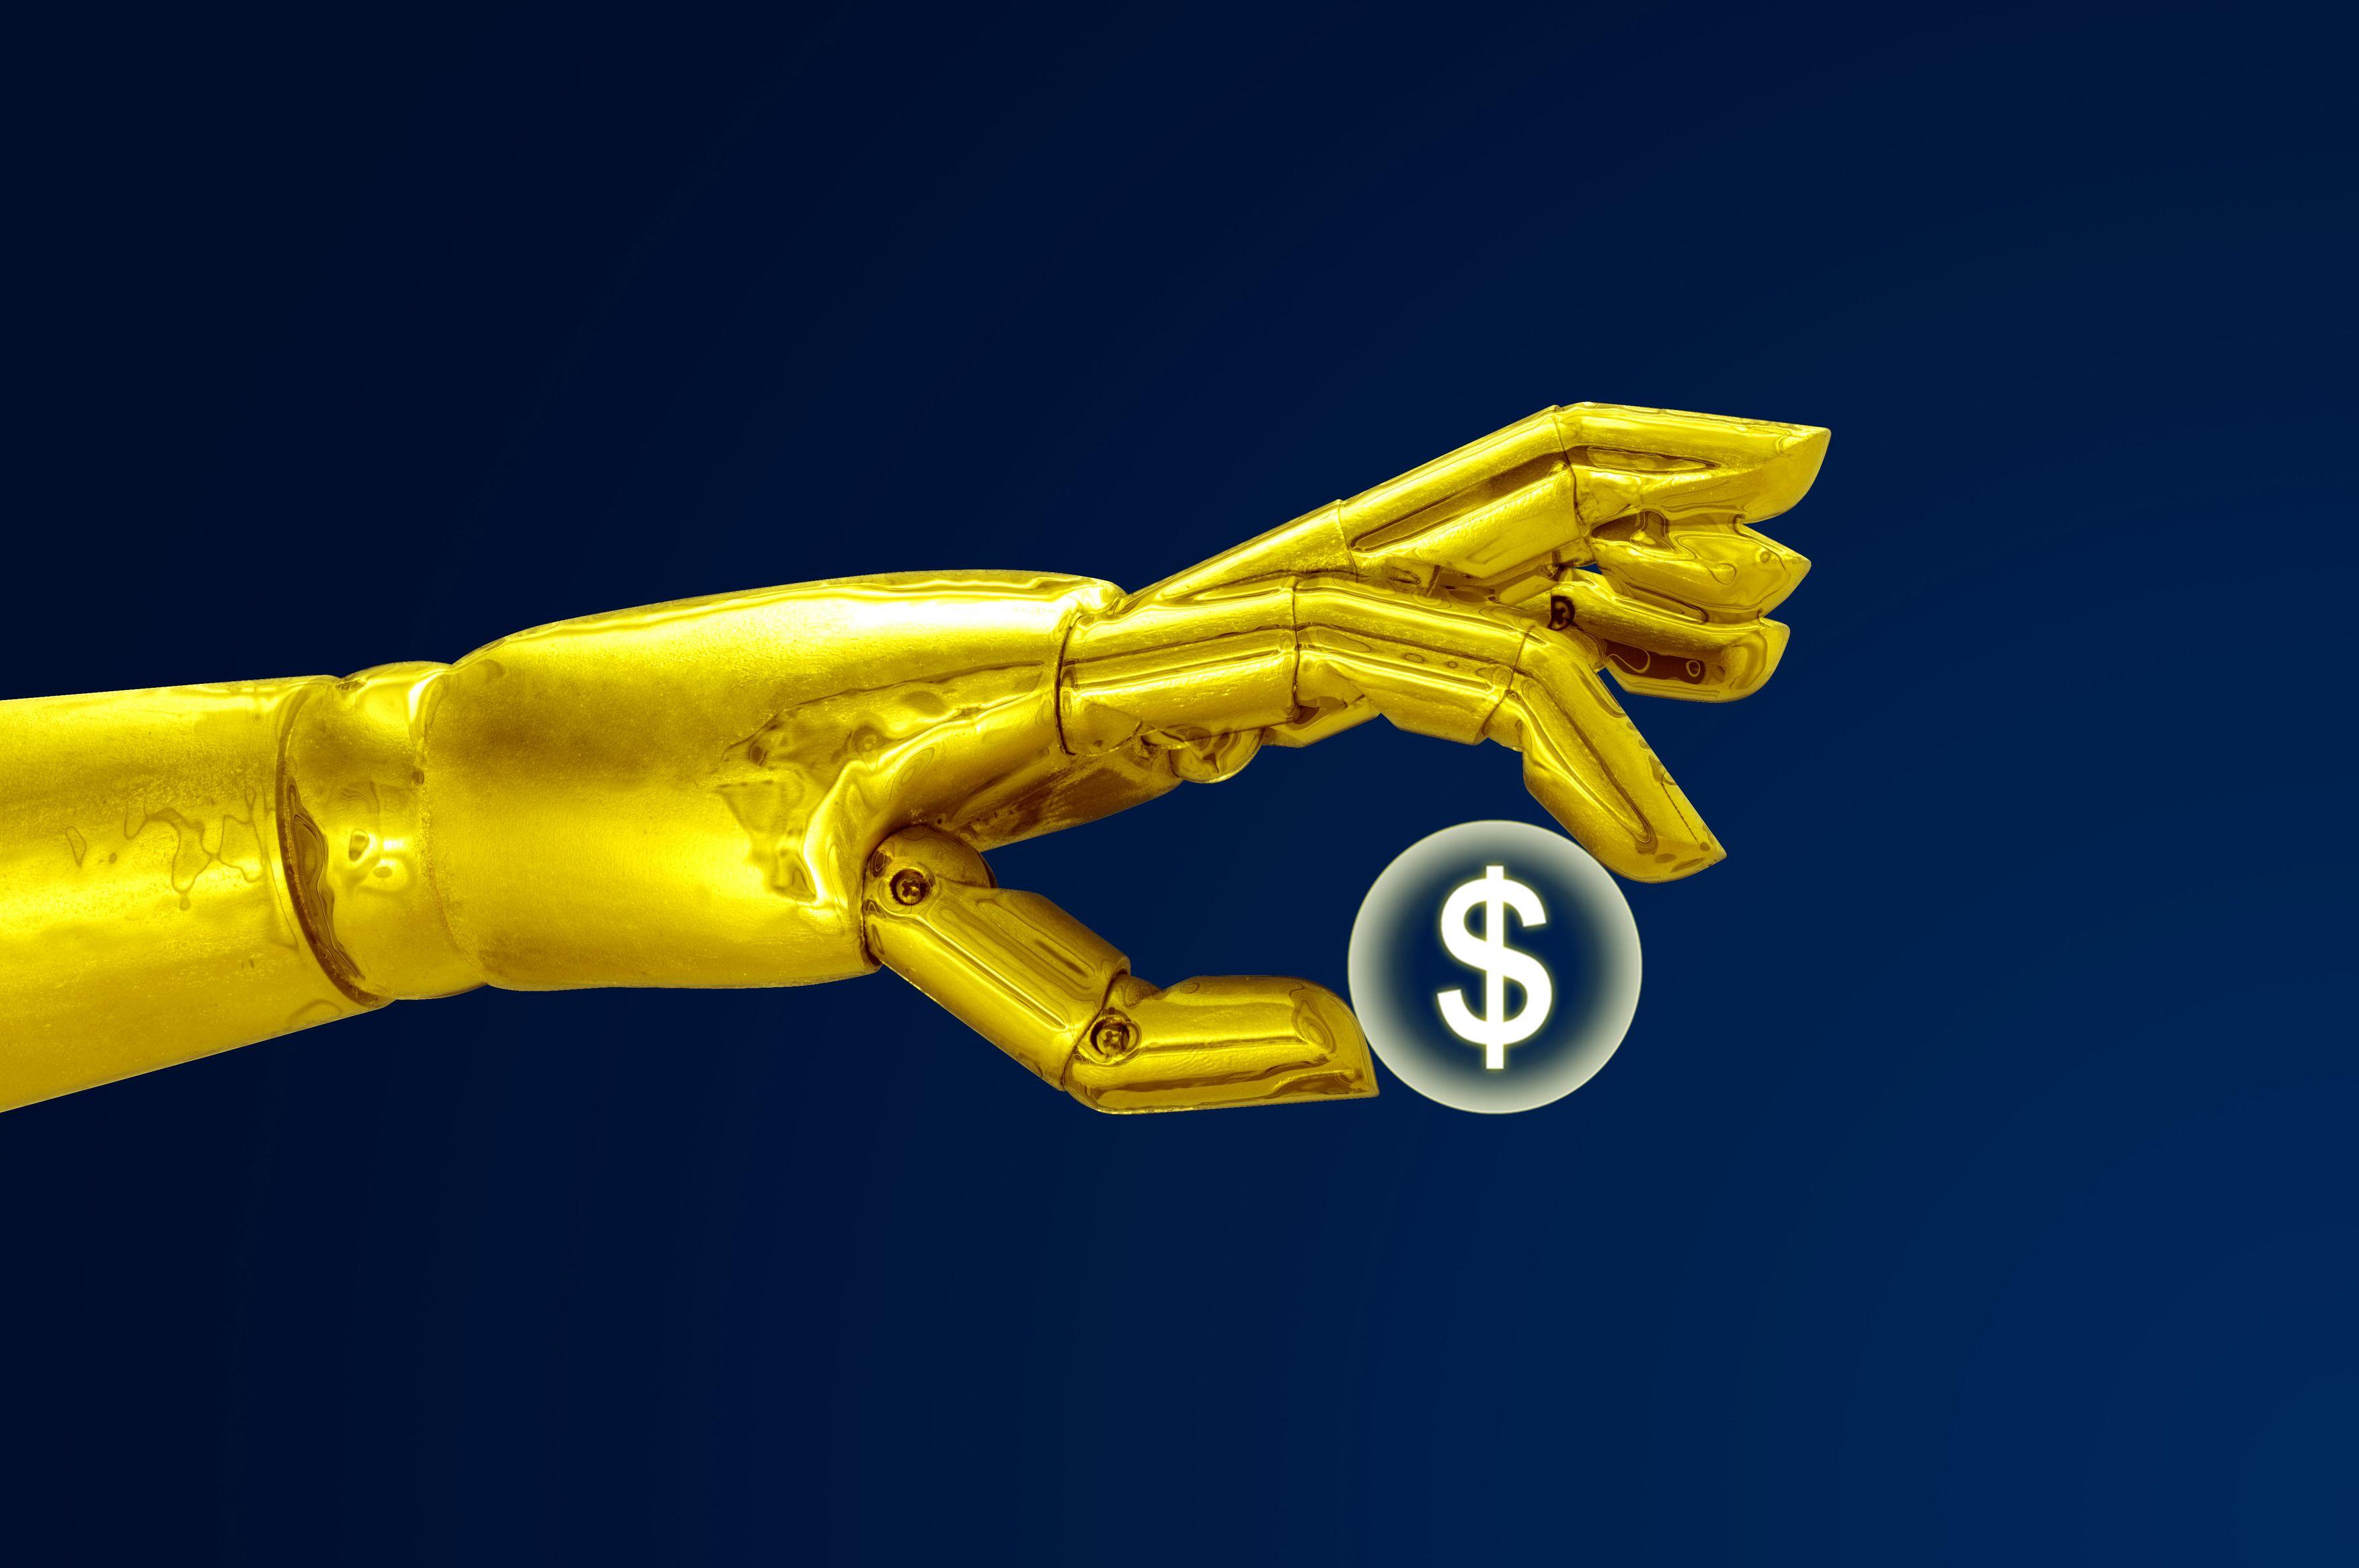 央行1月信贷数据出炉在即,机构预测或创新高至3万亿